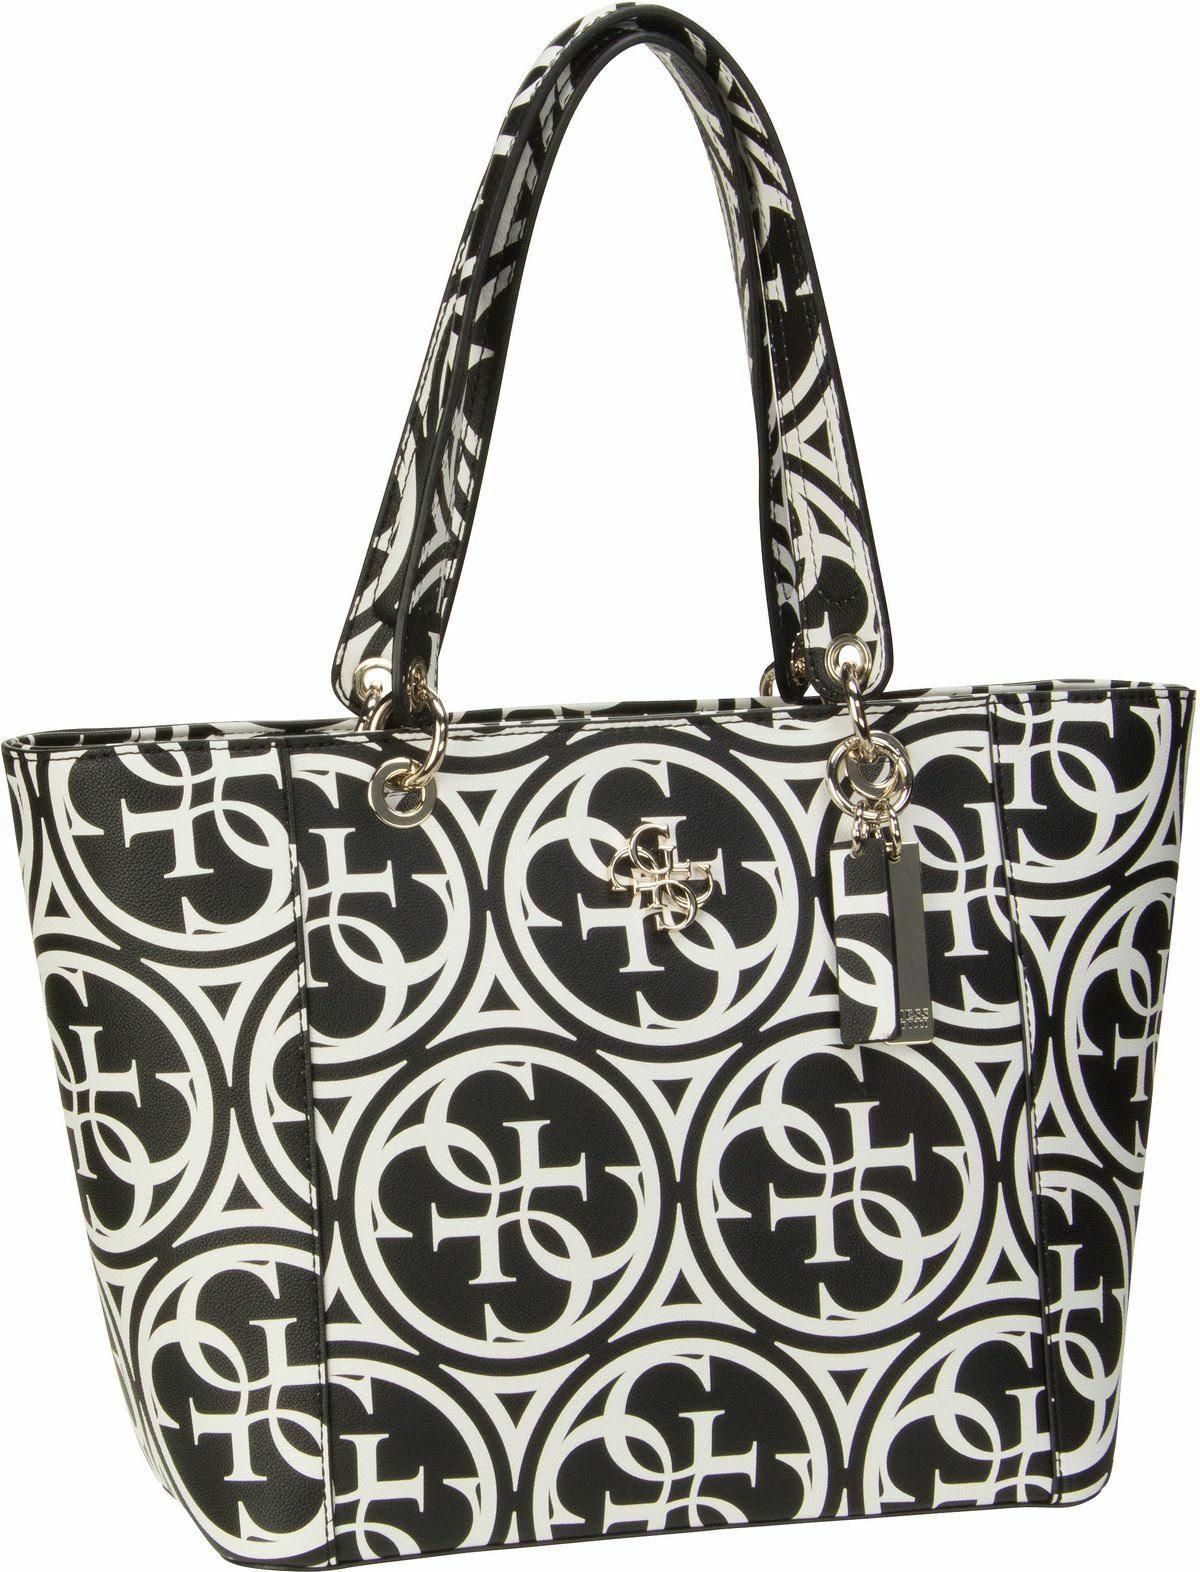 Guess Handtasche »Kamryn Tote Logo« online kaufen | OTTO